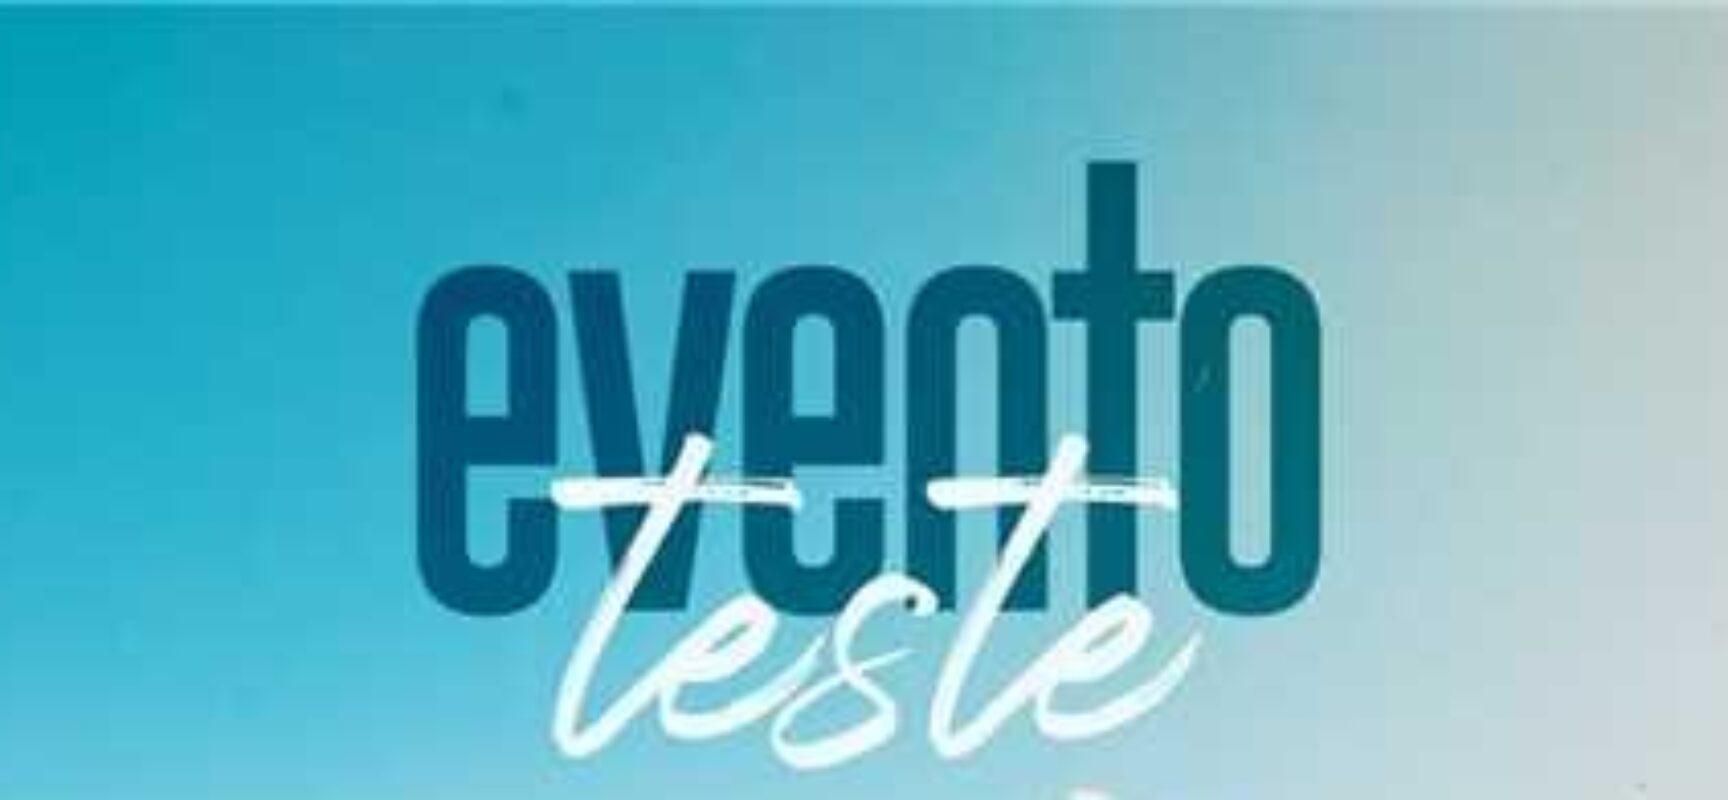 Prefeitura de Ilhéus e empresários do entretenimento realizam evento-teste para 500 convidados